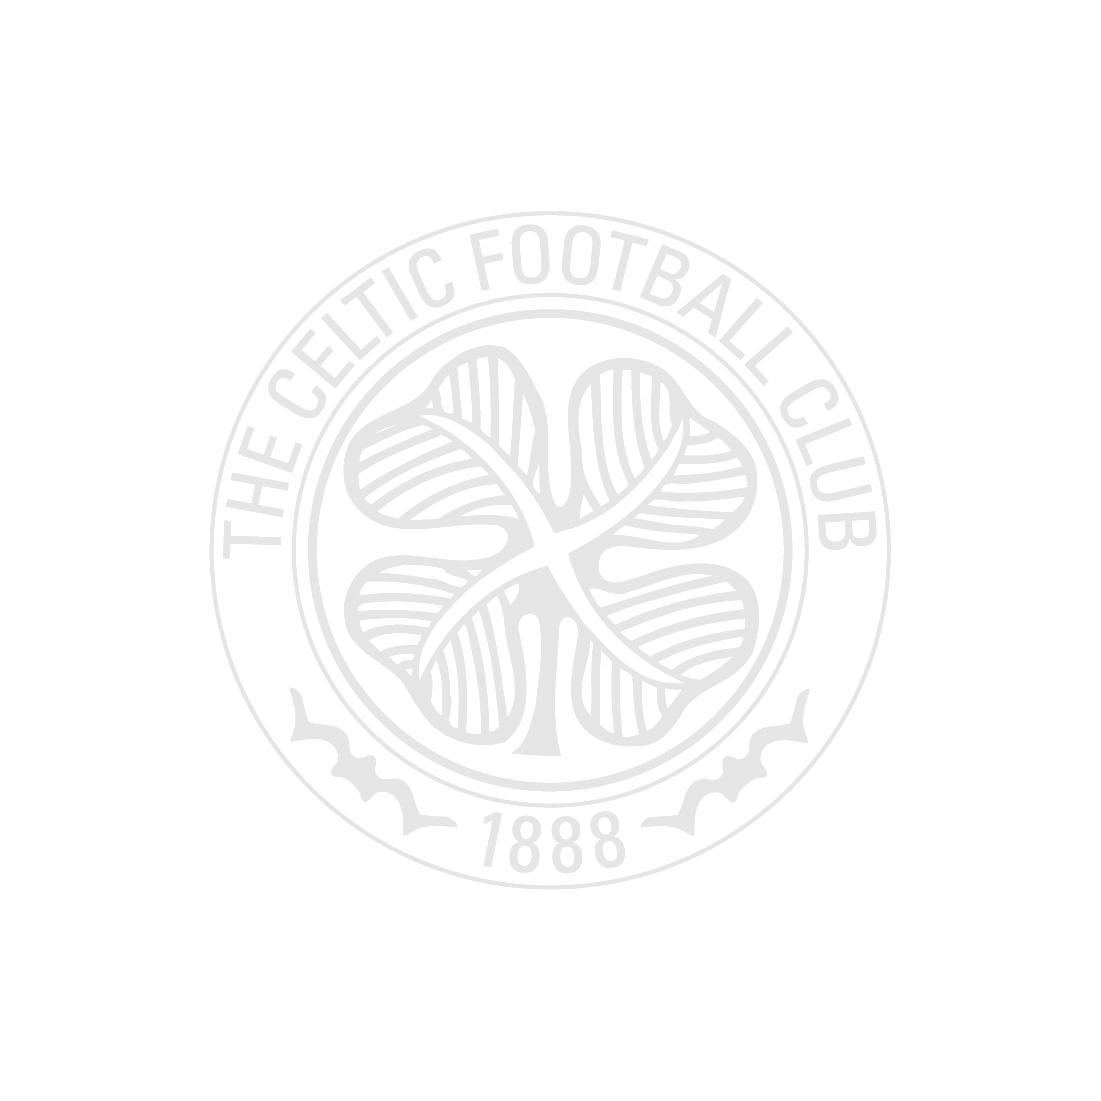 Celtic The Johnny Doyle Story